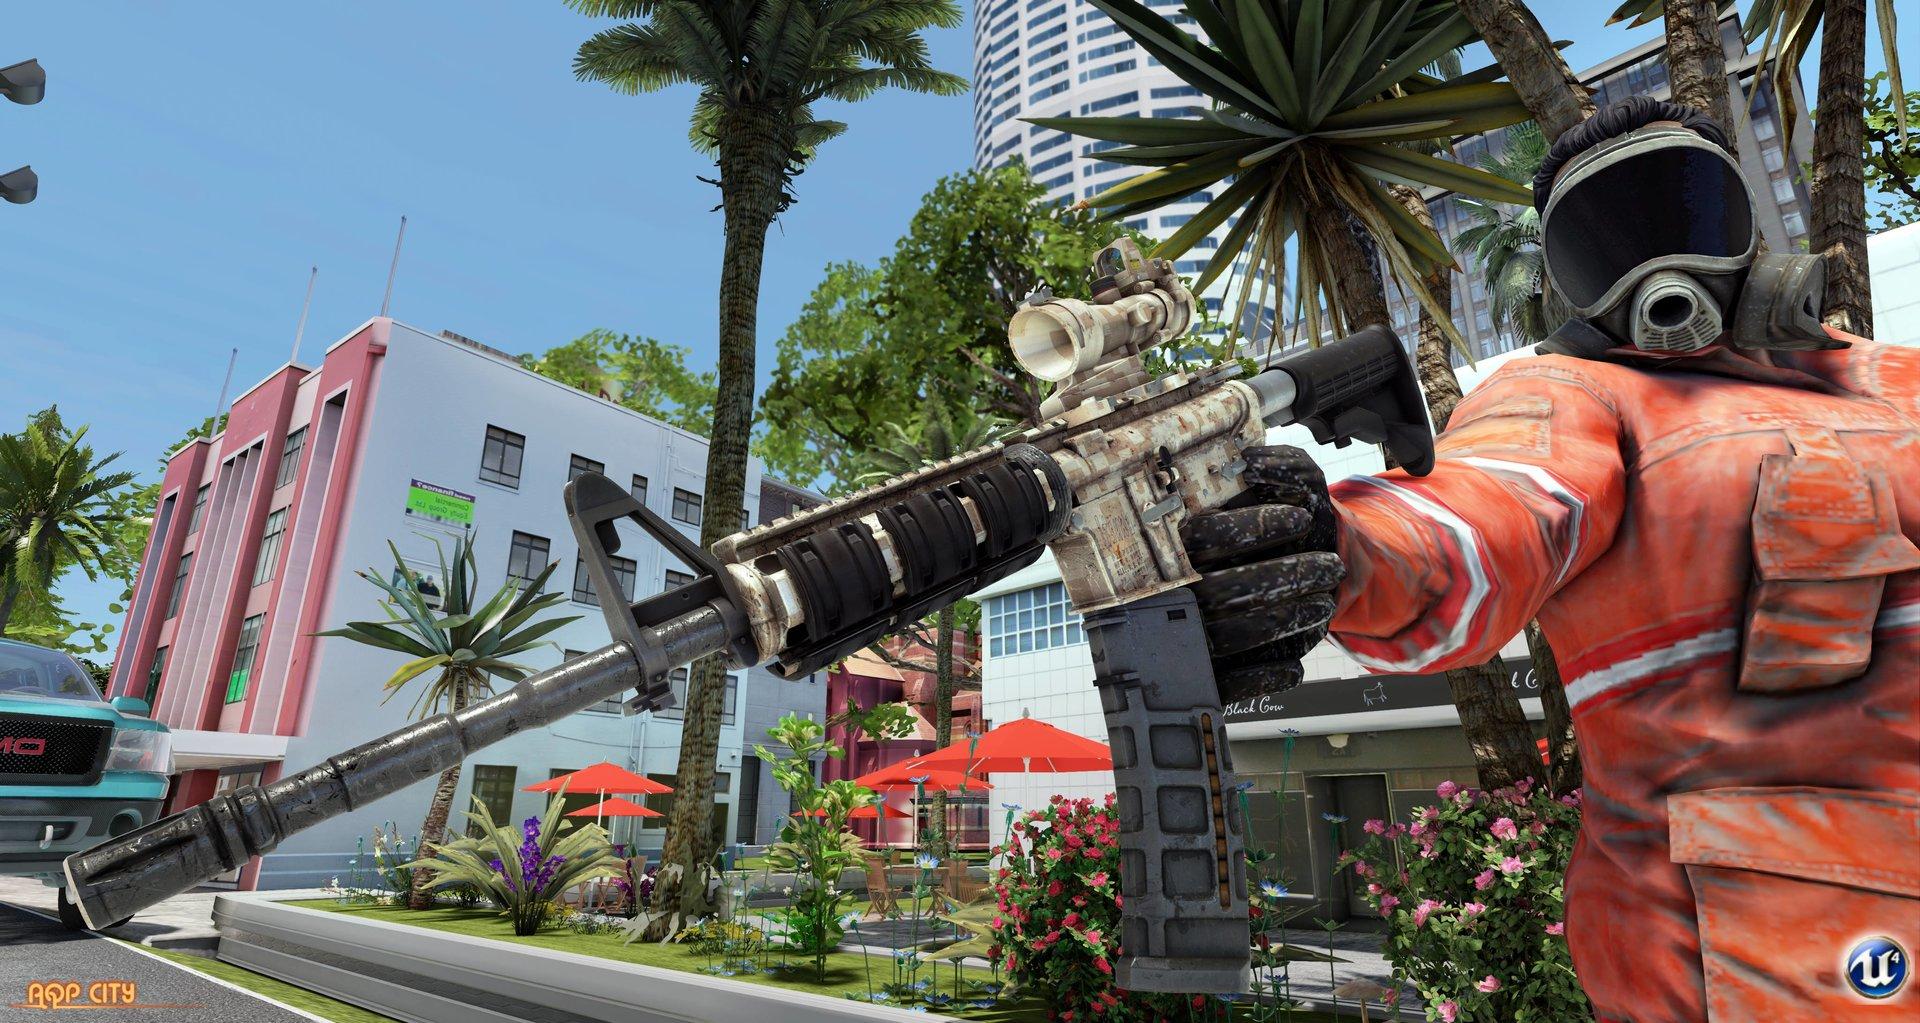 Независимая GTA 6 на Unreal Engine 4 с лошадьми и танками